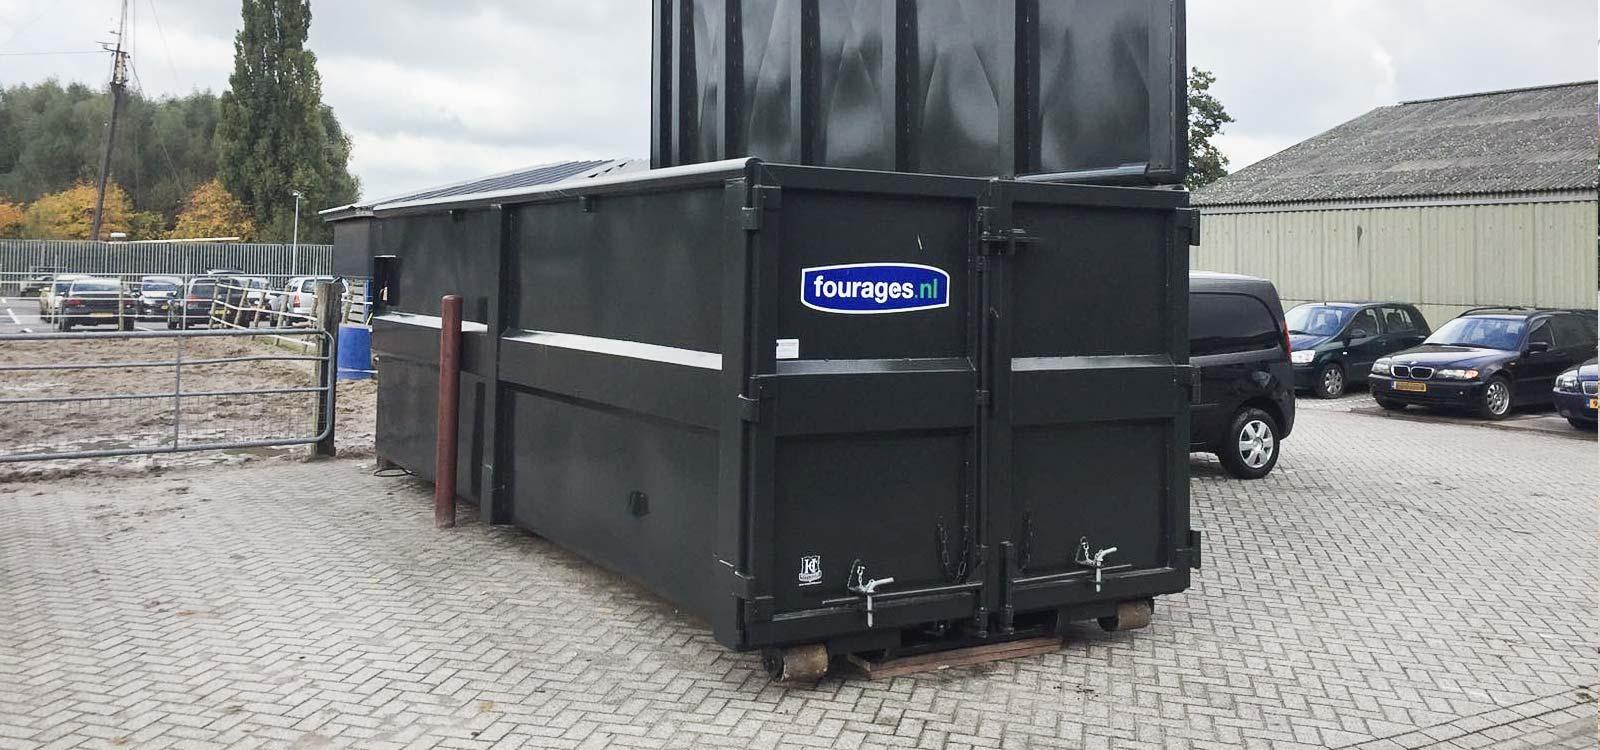 hydrausliche-mestcontainer-politie-groningen